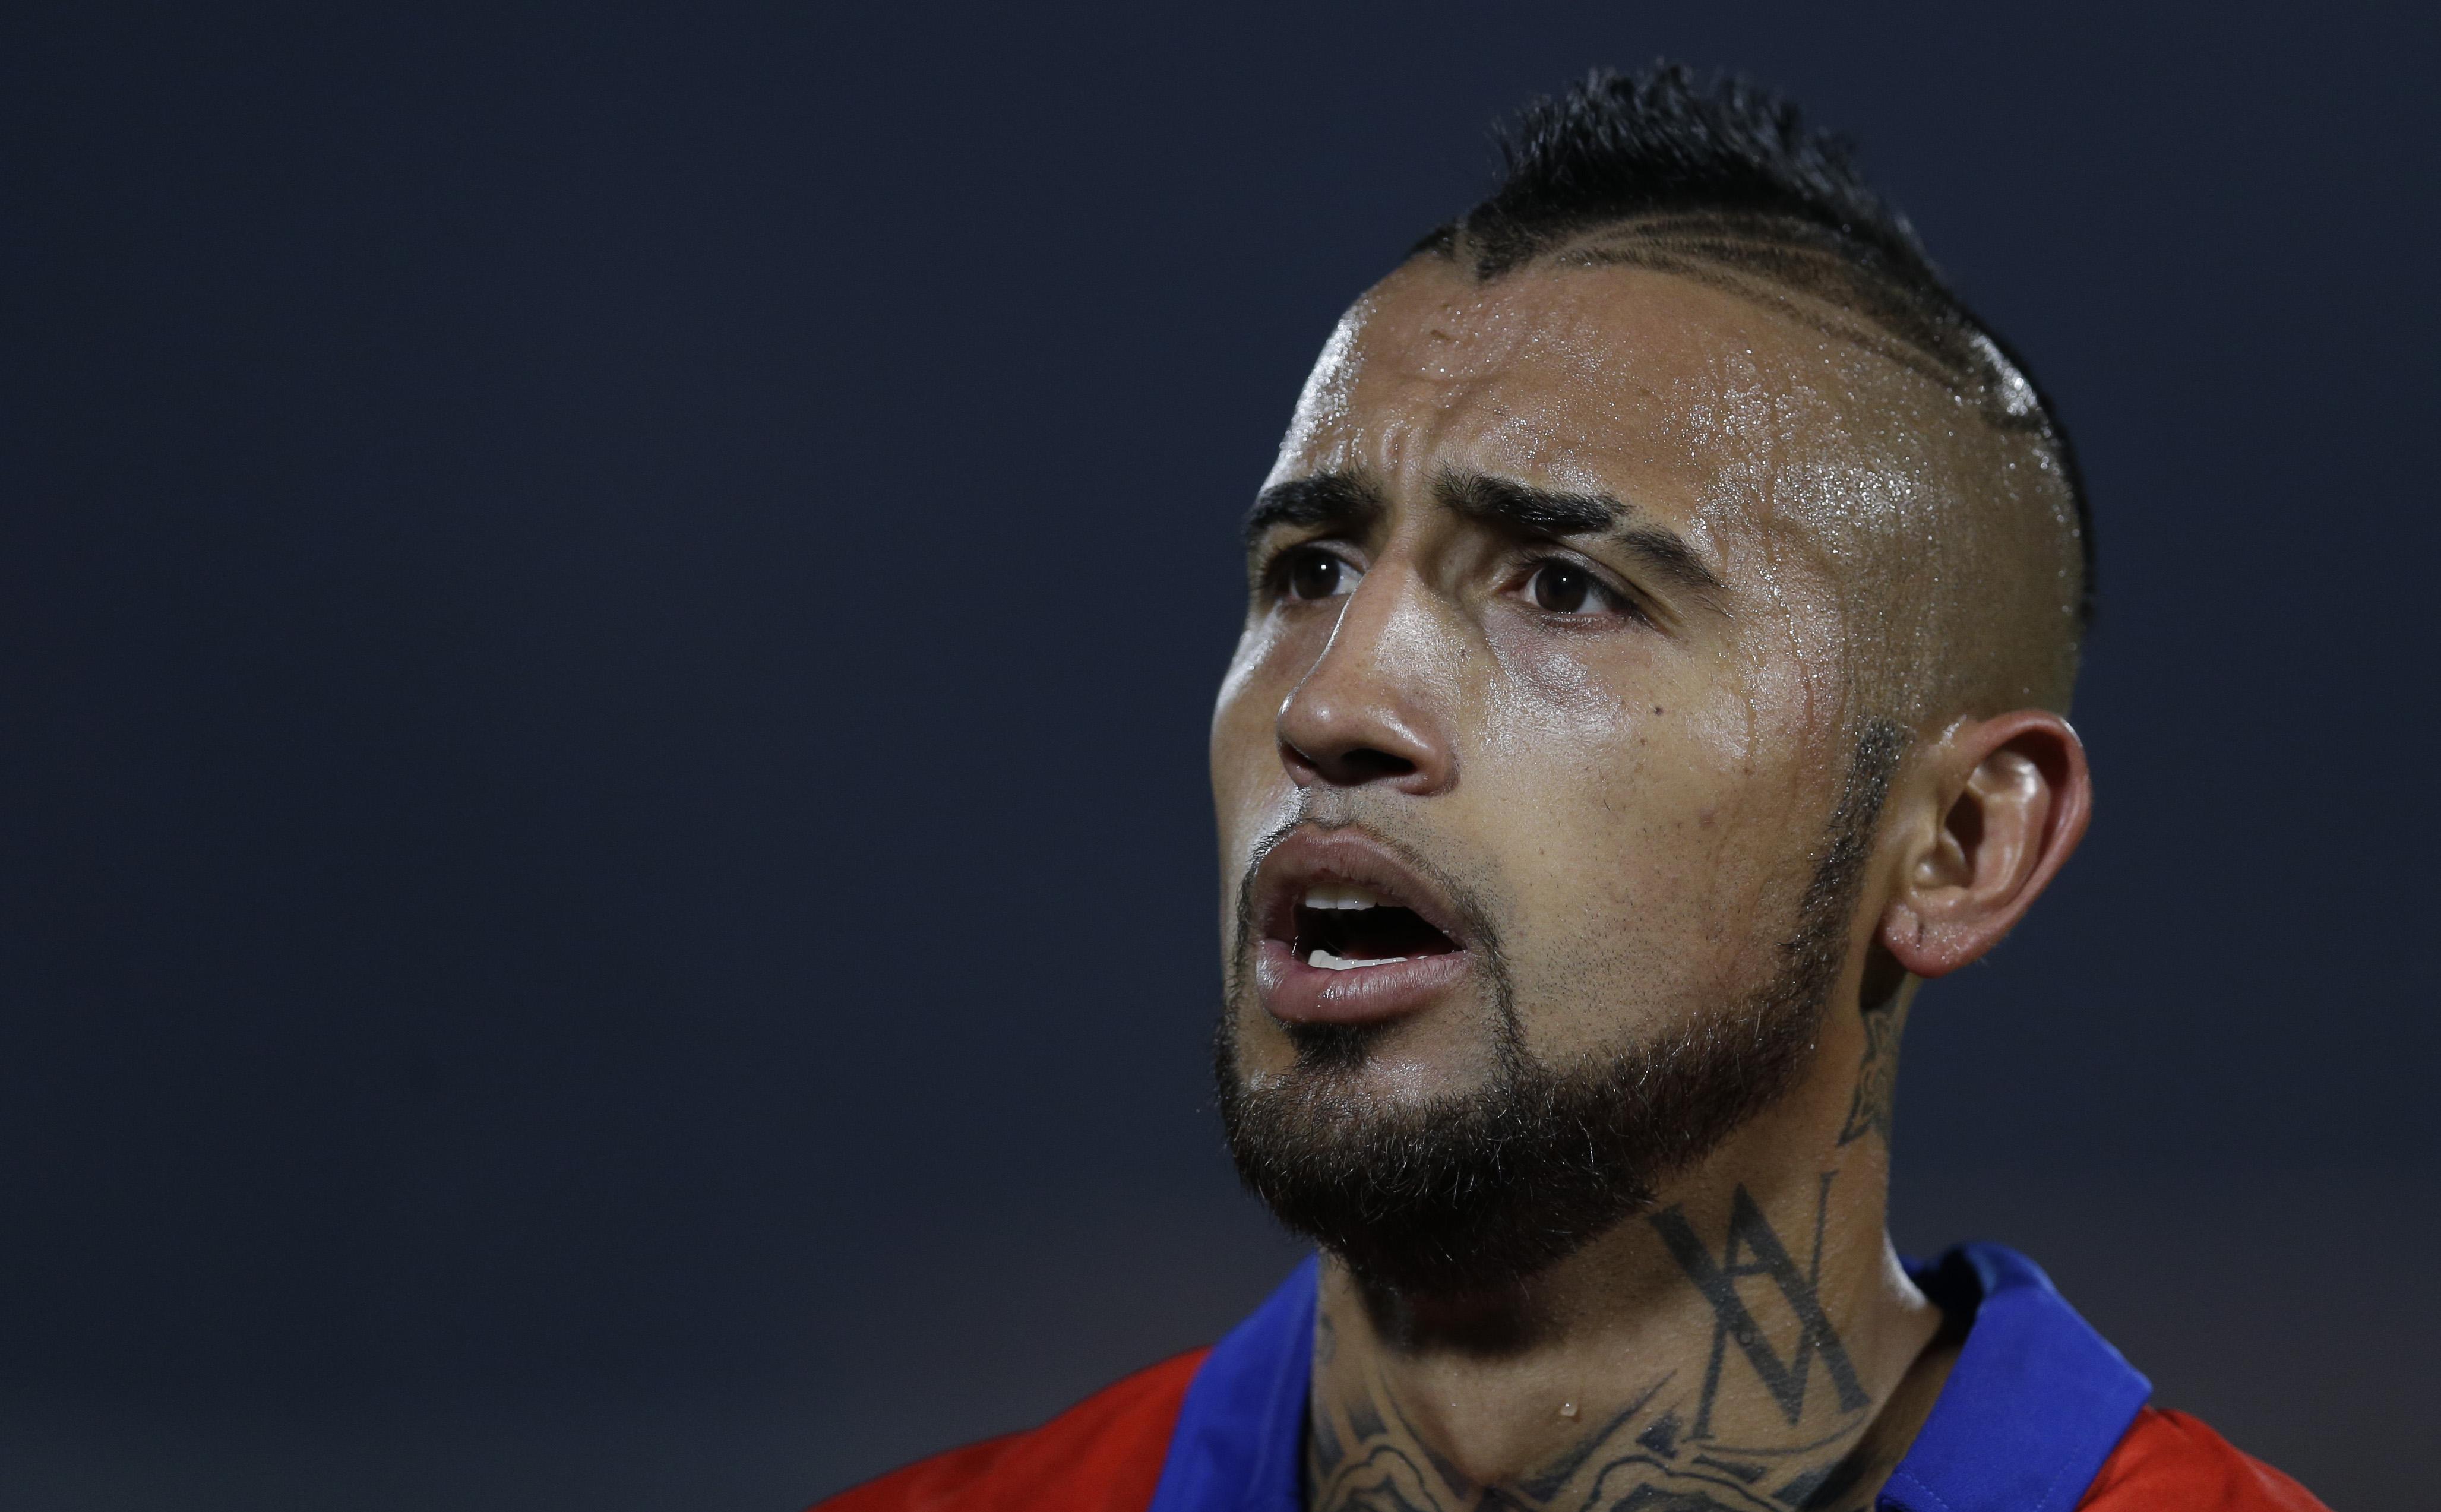 Chilean footballer Arturo Vidal lands in hospital after car crash